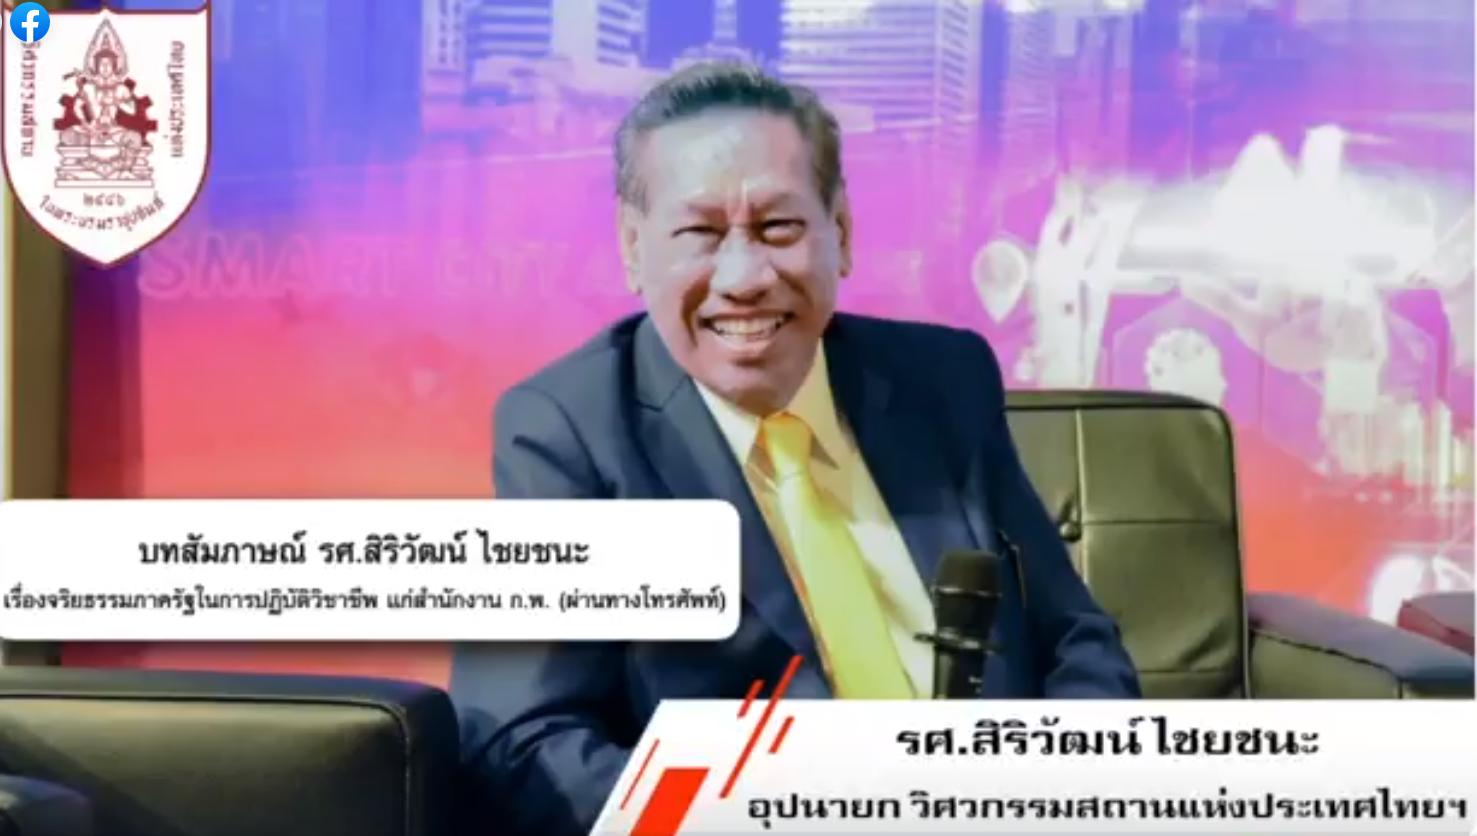 บทสัมภาษณ์ รศ.สิริวัฒน์ ไชยชนะ อุปนายก วิศวกรรมสถานแห่งประเทศไทยฯ เรื่องจริยธรรมภาครัฐในการปฏิบัติวิชาชีพ แก่สำนักงาน กพ. (ผ่านทางโทรศัพท์)